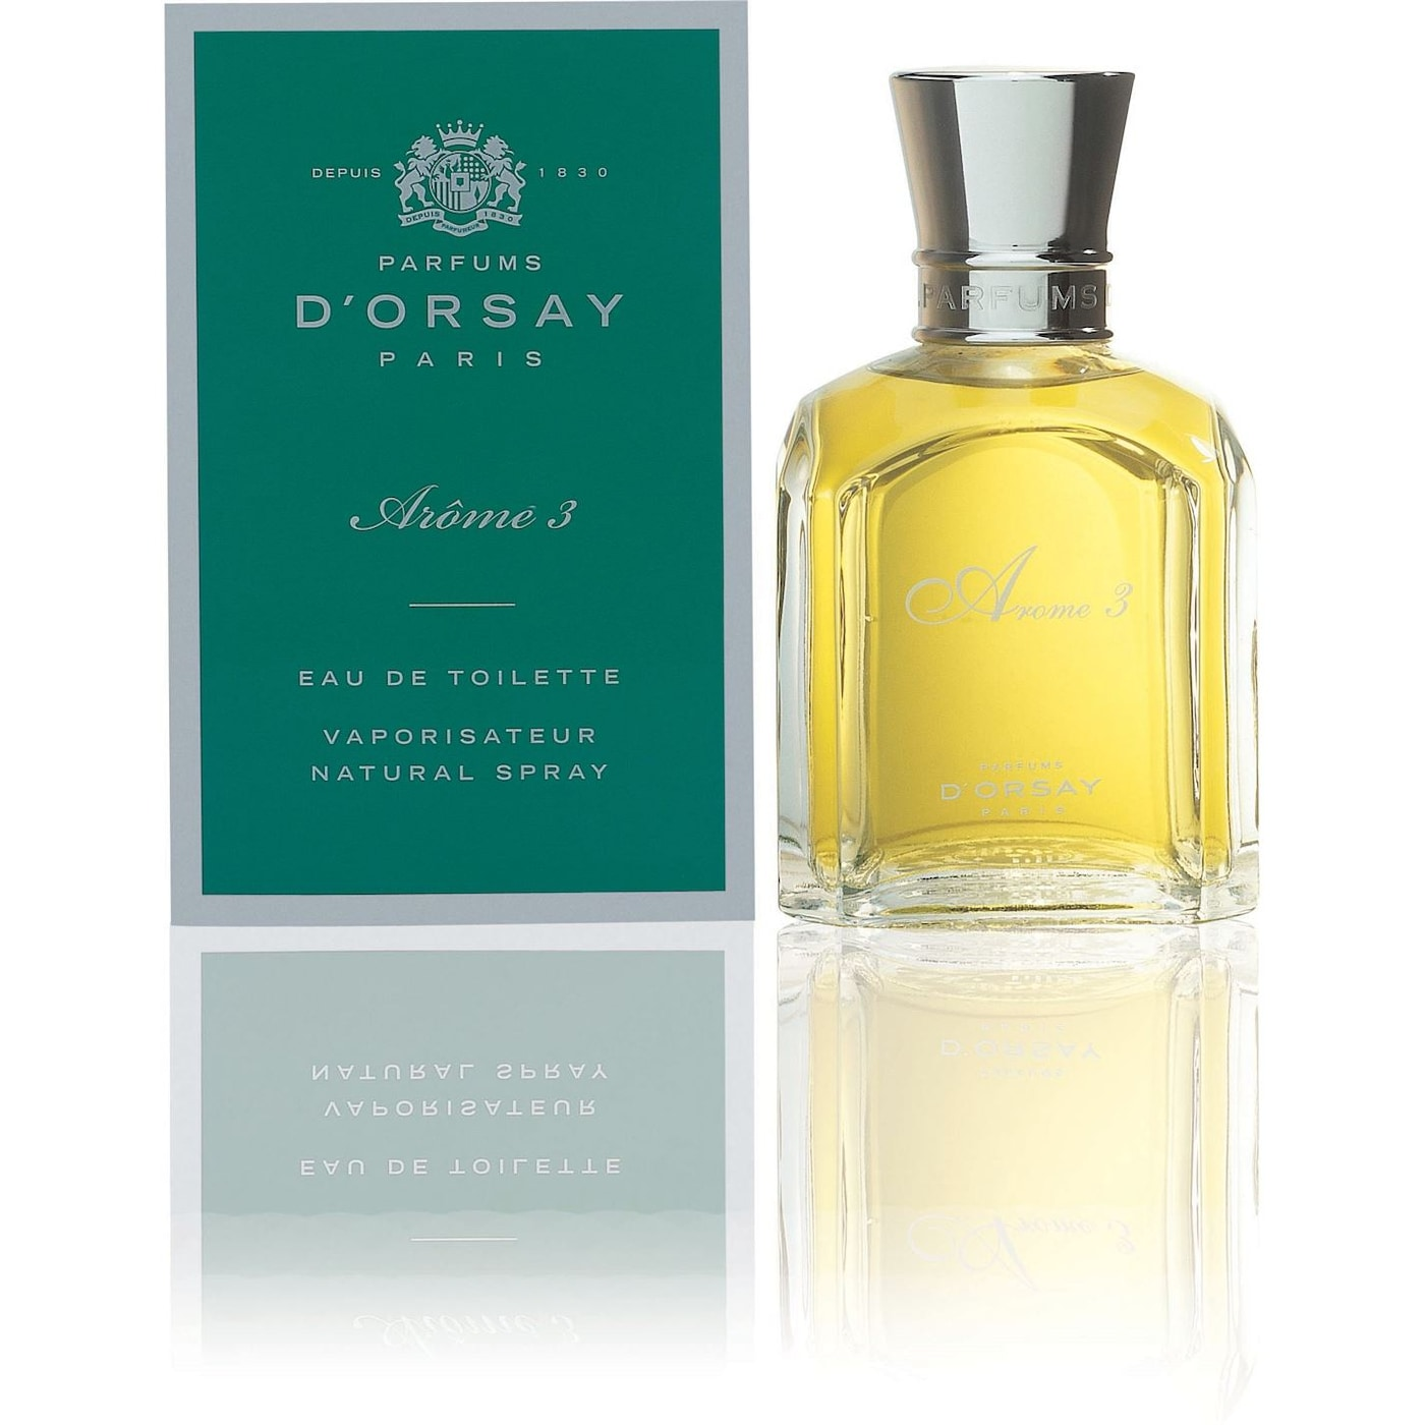 Parfums DOrsay Arome 3 Eau de Toilette 50ml